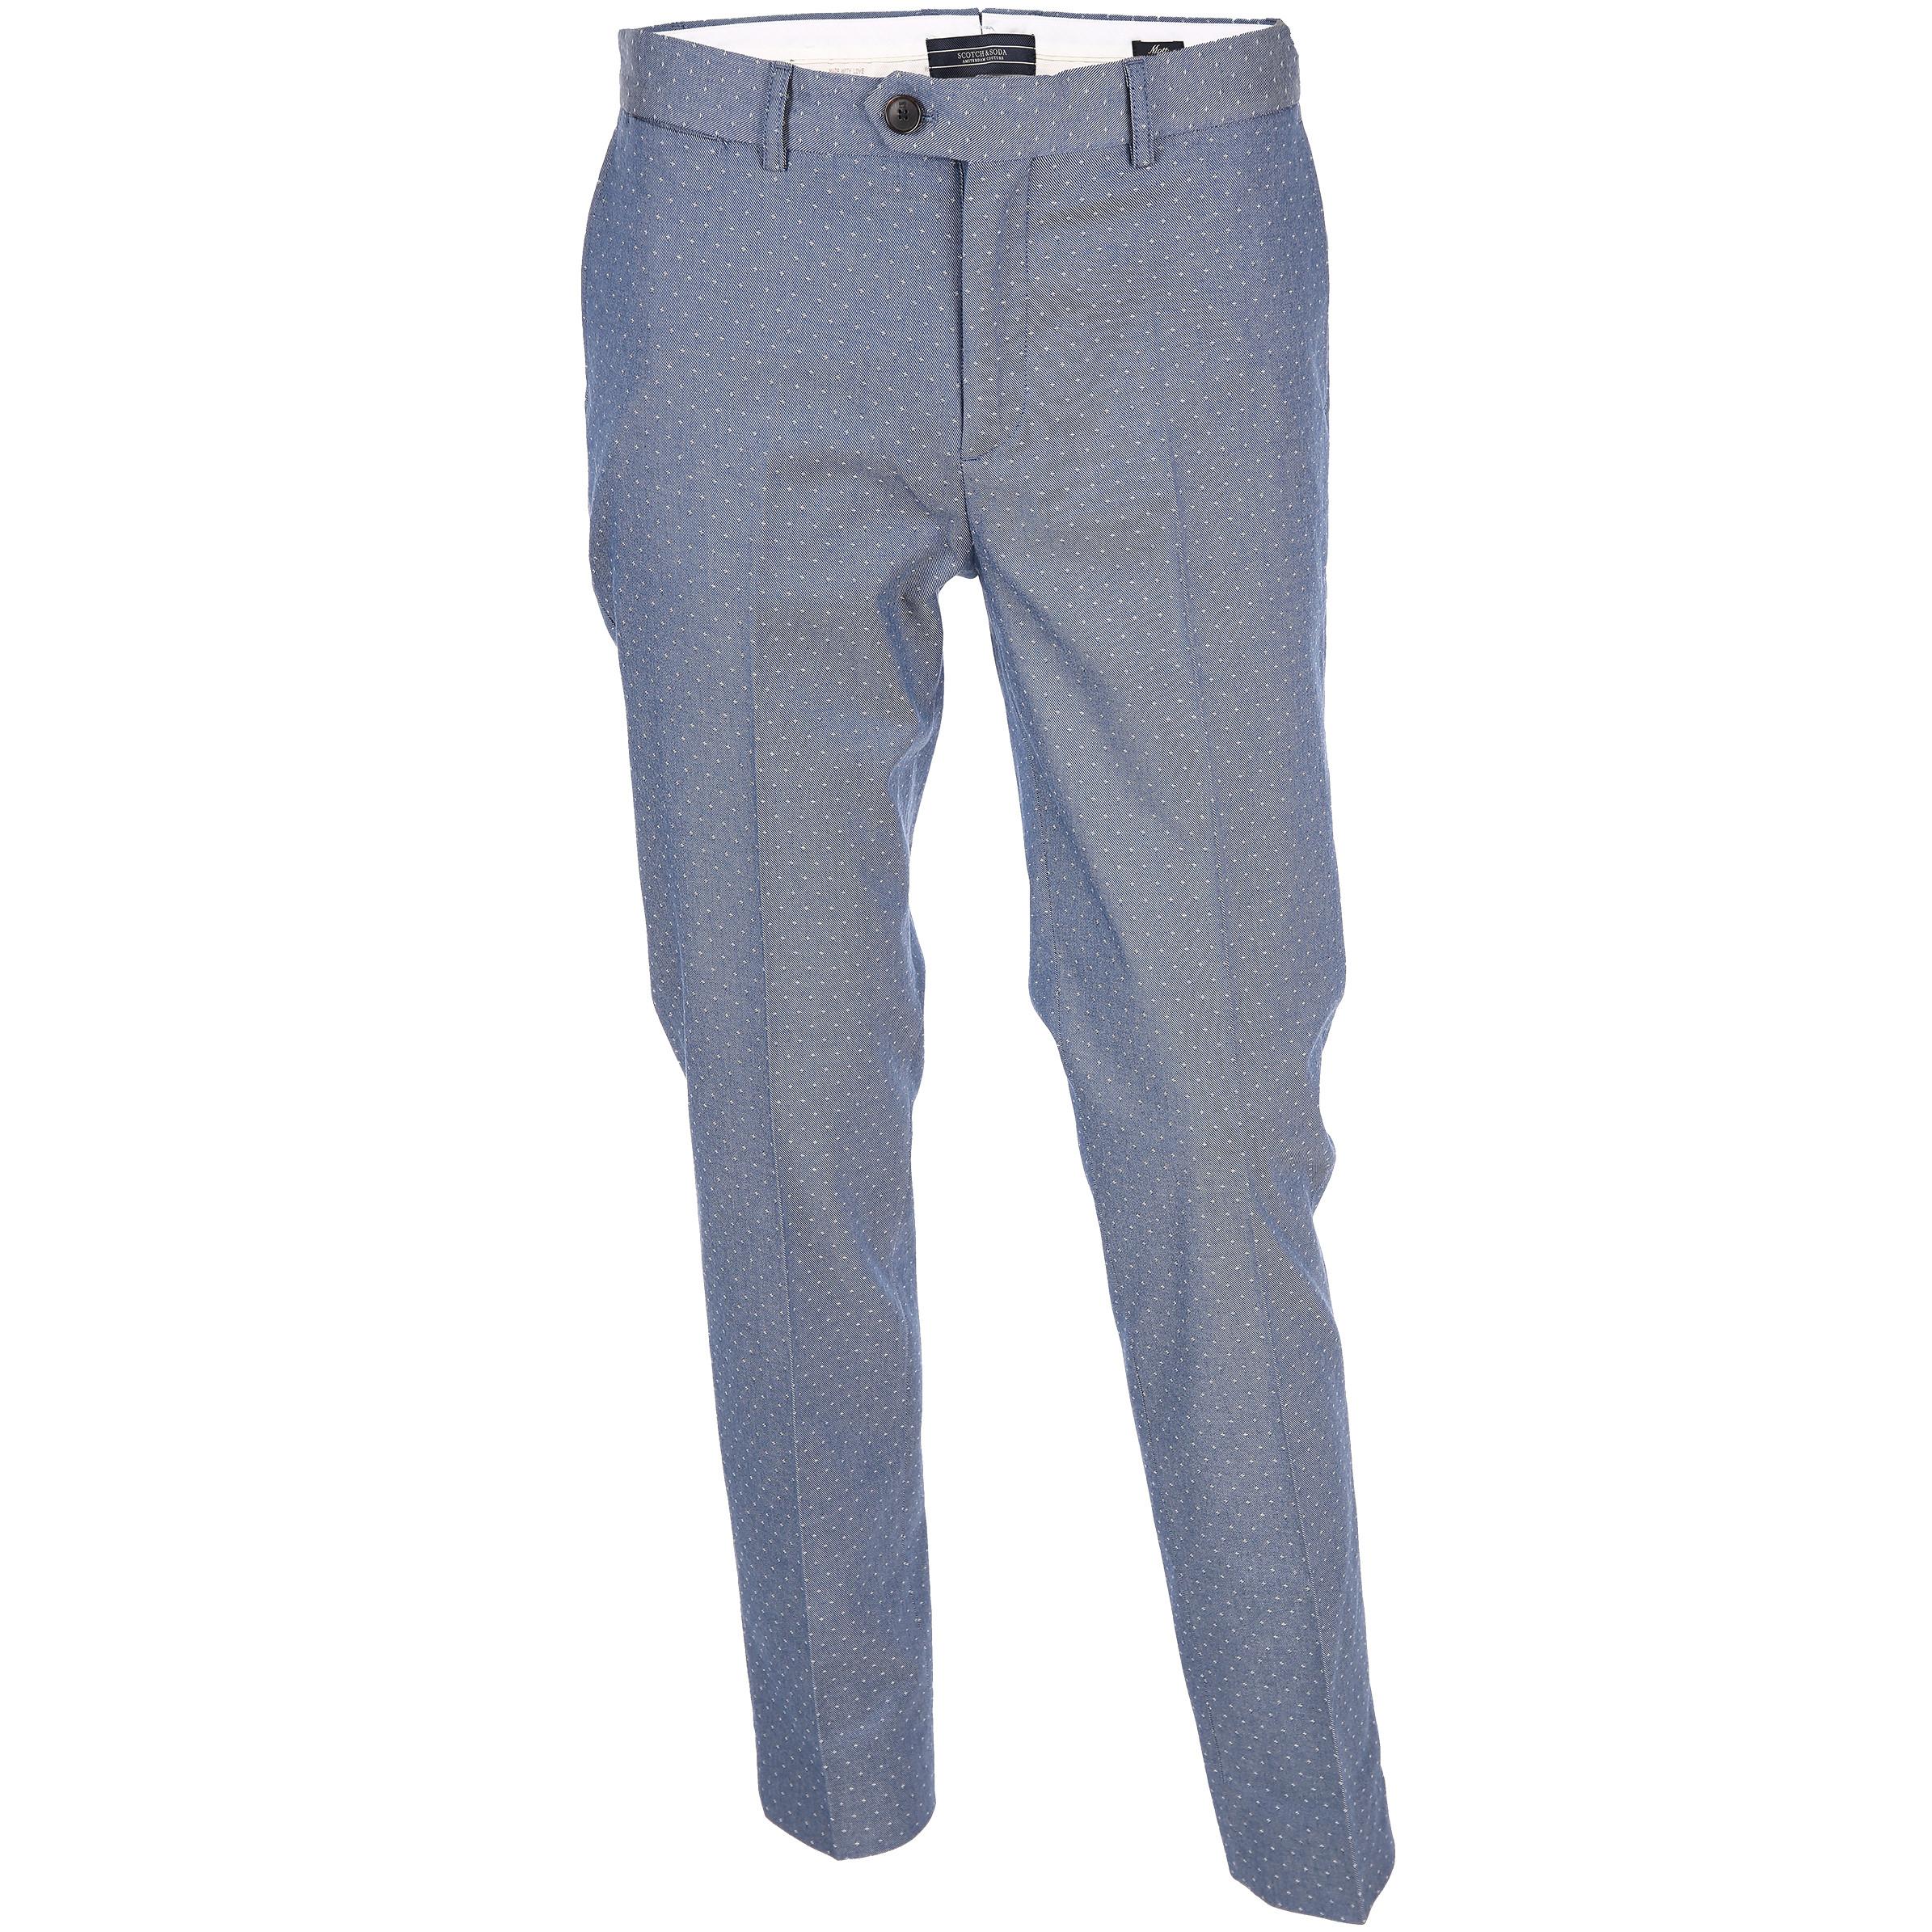 Für HosenJeansShortsamp; Für Bermudas HerrenAwg HosenJeansShortsamp; Bermudas HerrenAwg Für Mode HosenJeansShortsamp; Mode Bermudas KJ3Tl1cF